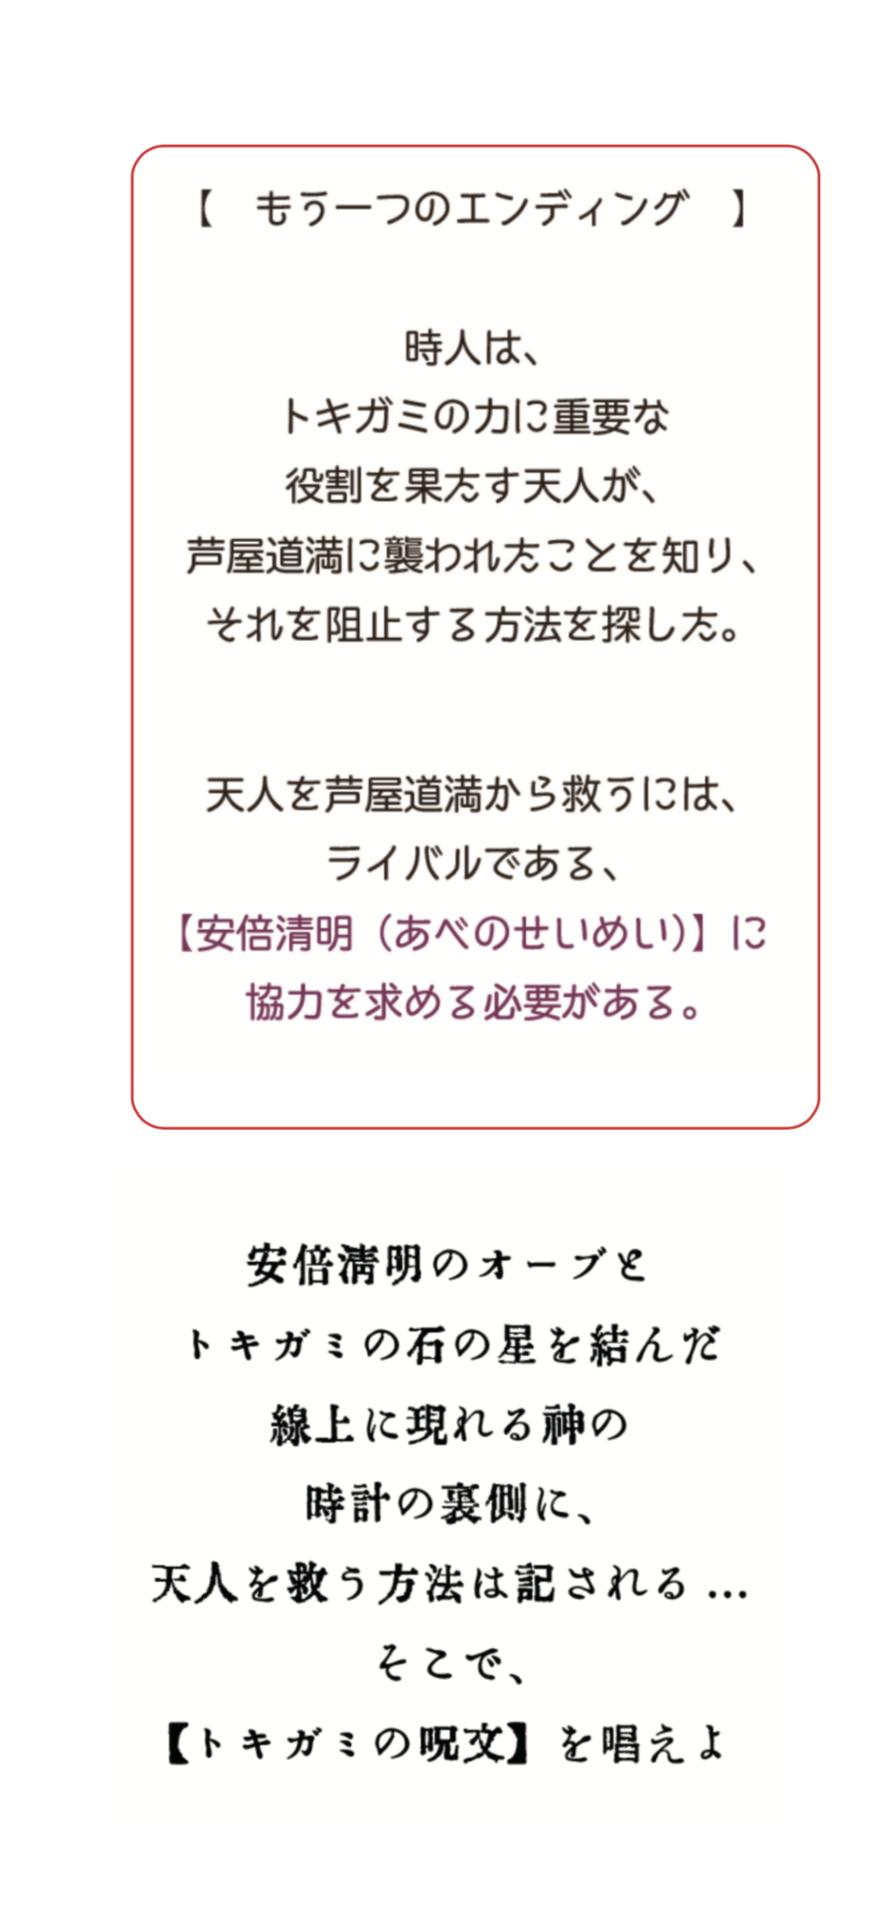 スクリーンショット 2018-09-08 22.55.28